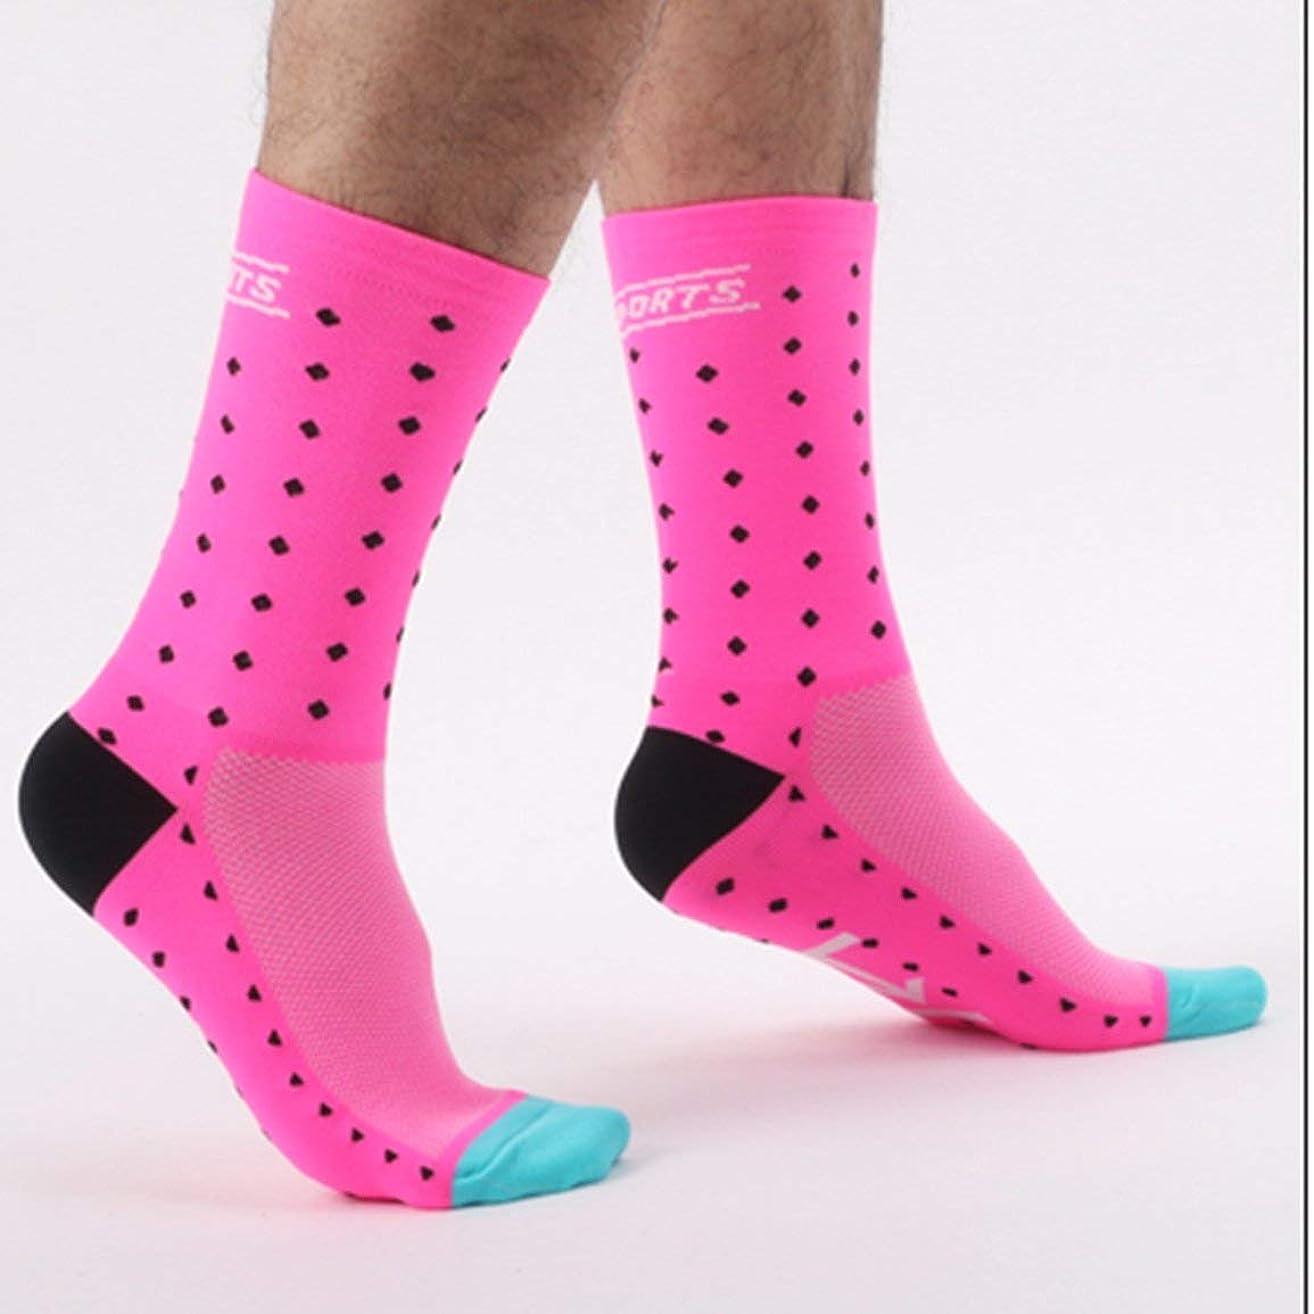 フェッチギャップサイズDH04快適なファッショナブルな屋外サイクリングソックス男性女性プロの通気性スポーツソックスバスケットボールソックス - ピンク